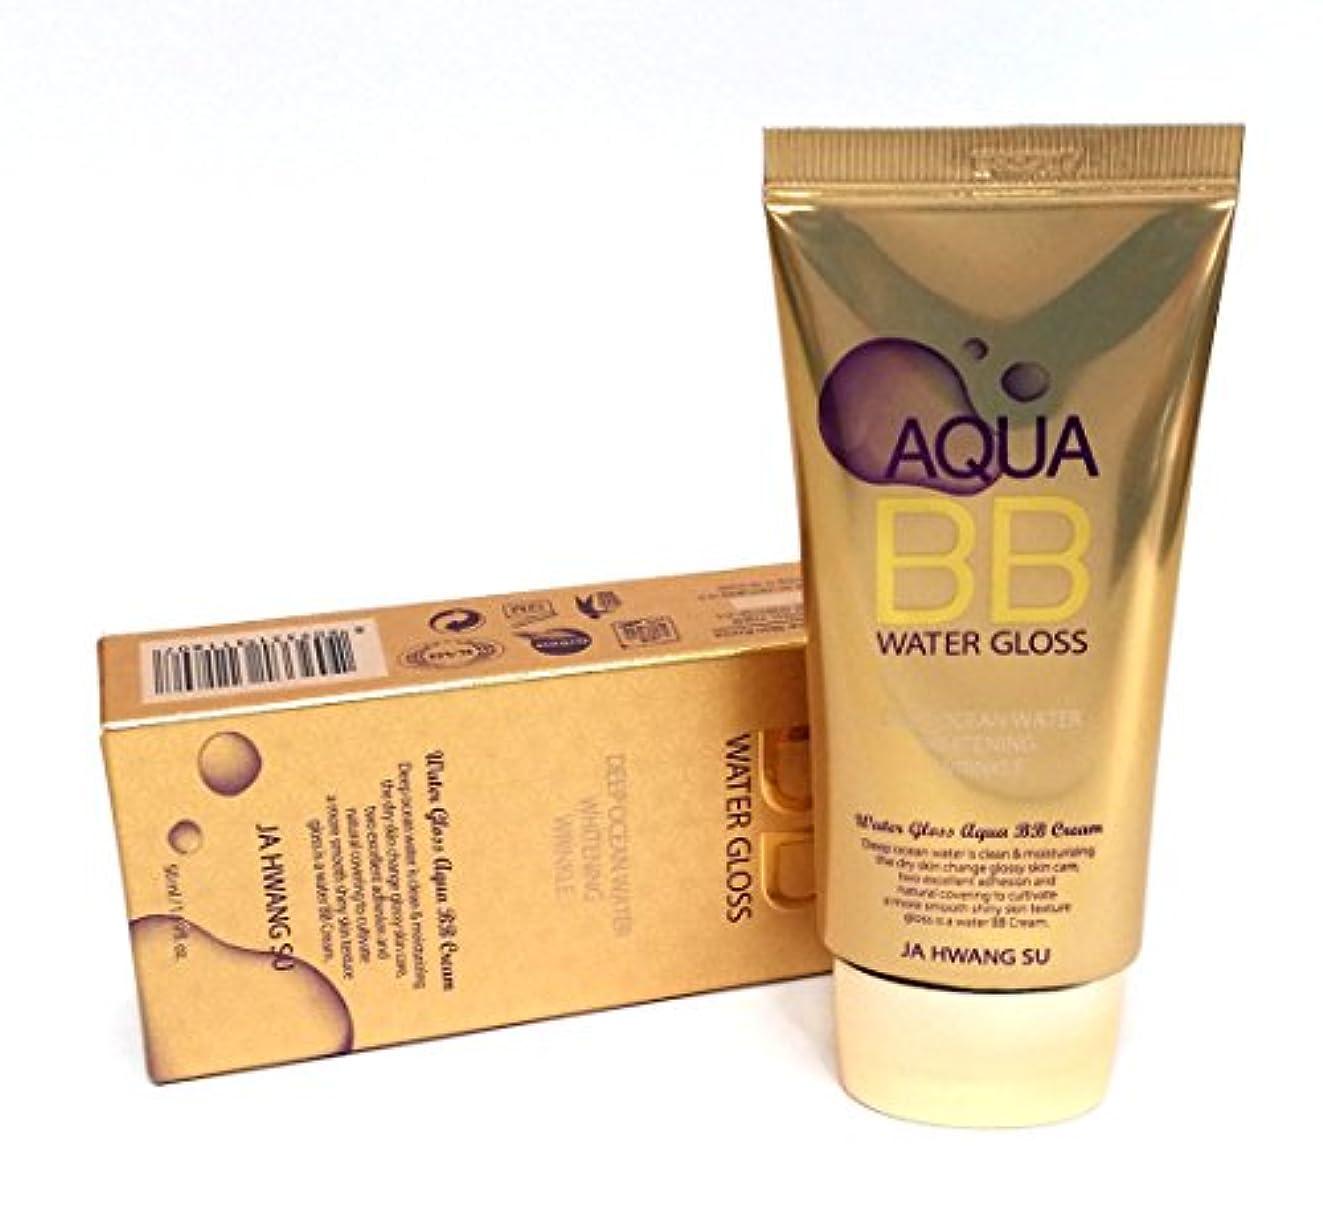 [Ja Hwang Su] アクアウォーターグロスBBクリーム50ml / Aqua Water Gloss BB Cream 50ml / 美白、しわ / whitening, wrinkle / 韓国化粧品 / Korean...